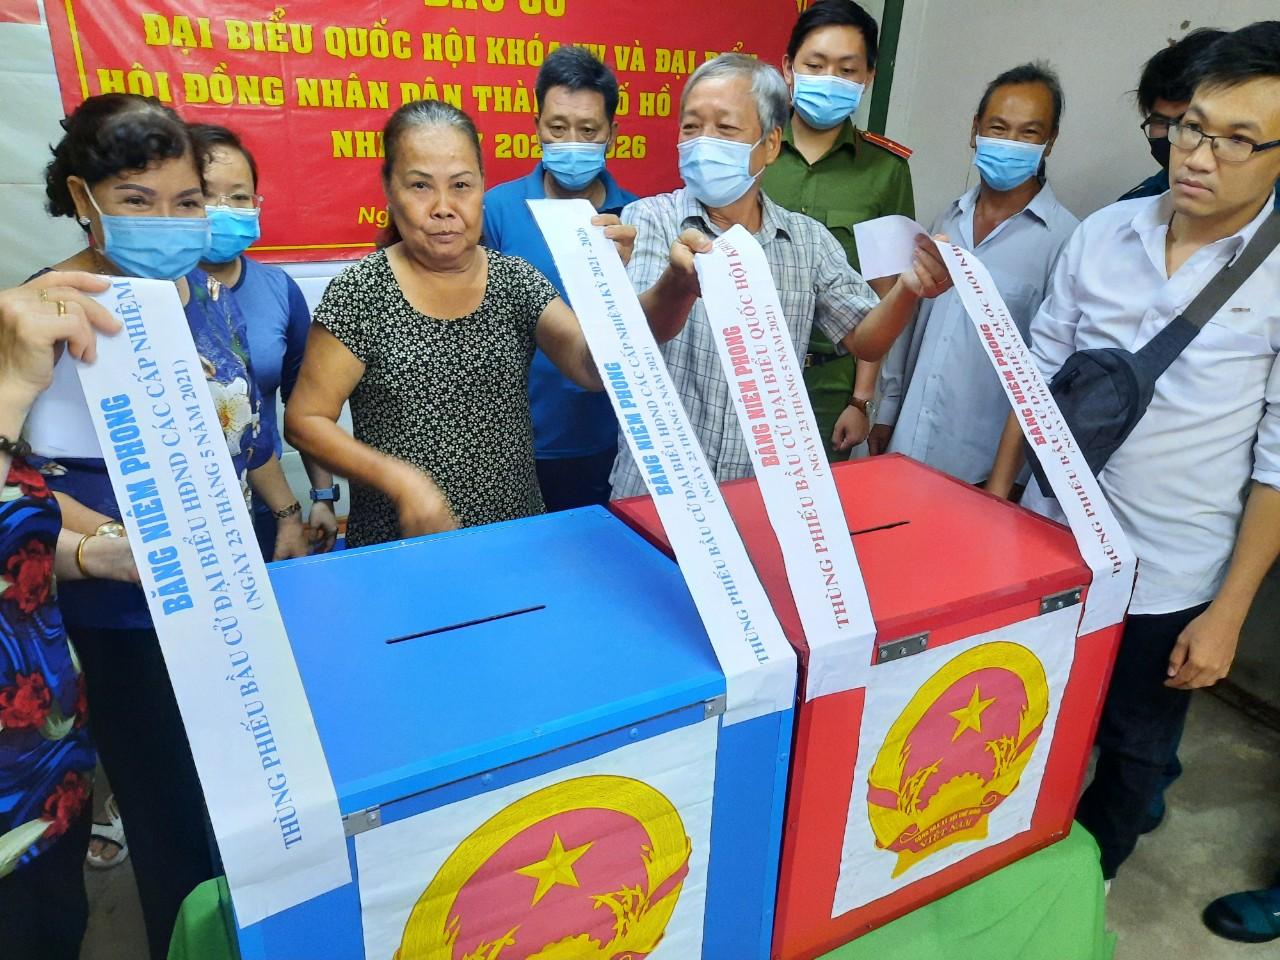 Tổ bầu cử tại quận 8 khui thùng phiếu, dưới sự chứng kiến của nhiều người